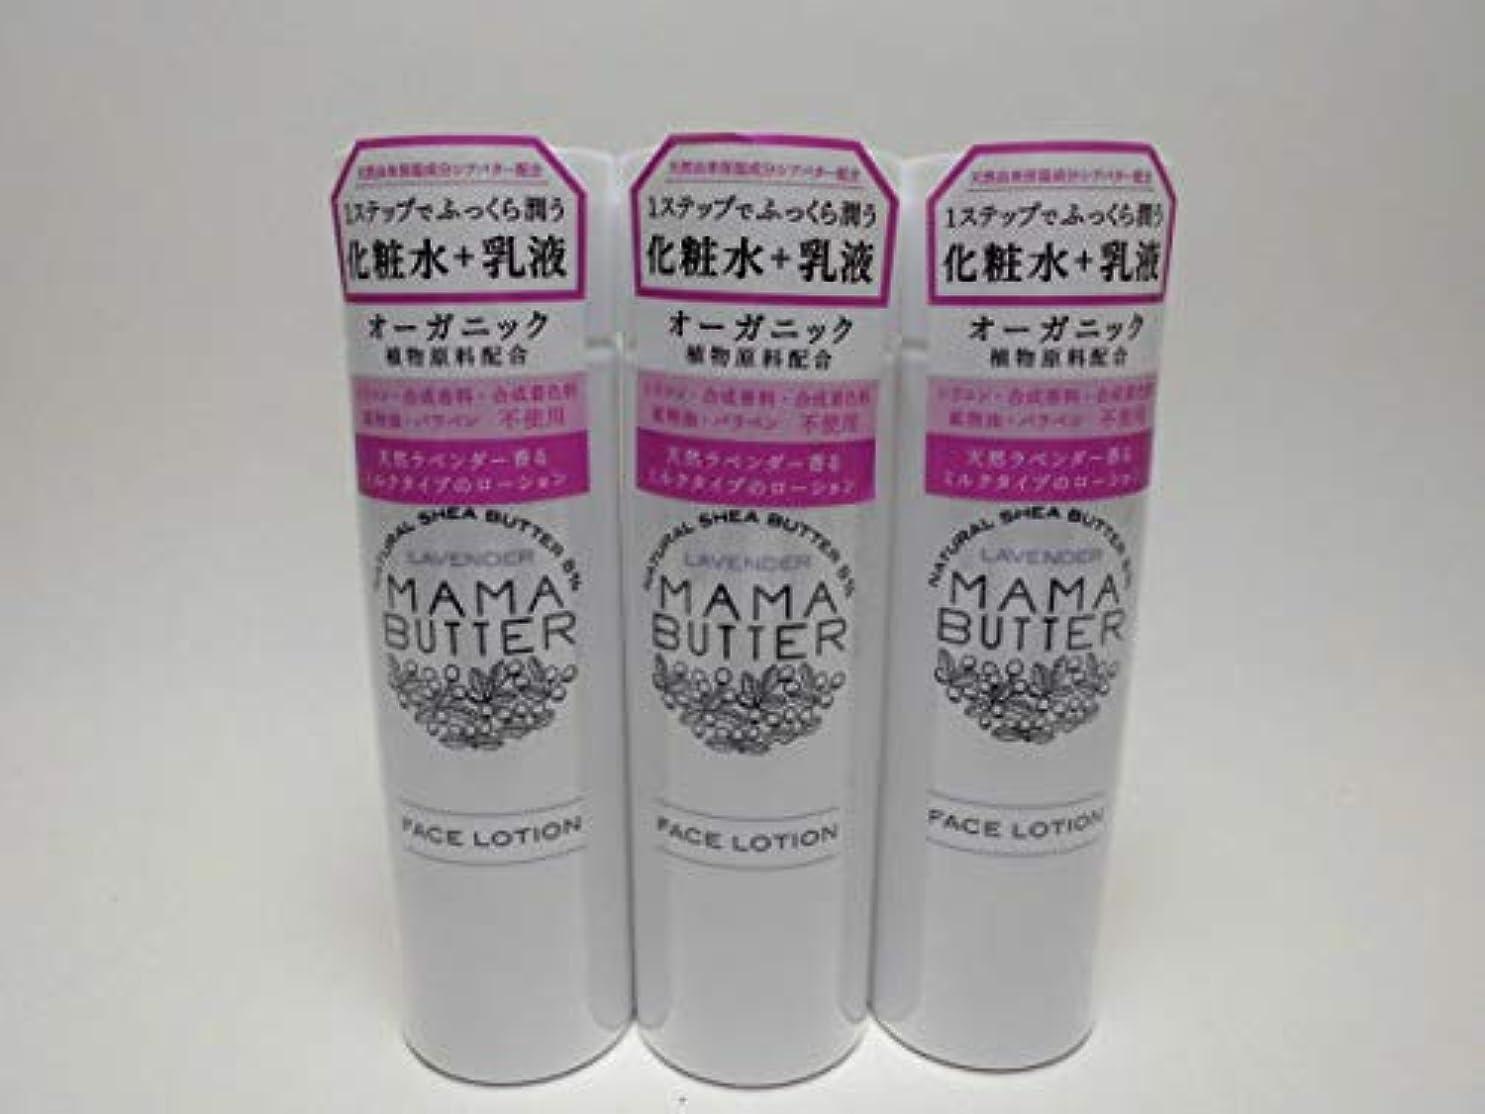 チャペル気味の悪いかんたん【3個セット】ママバター 化粧水 フェイスローション 200ml 定価1620円